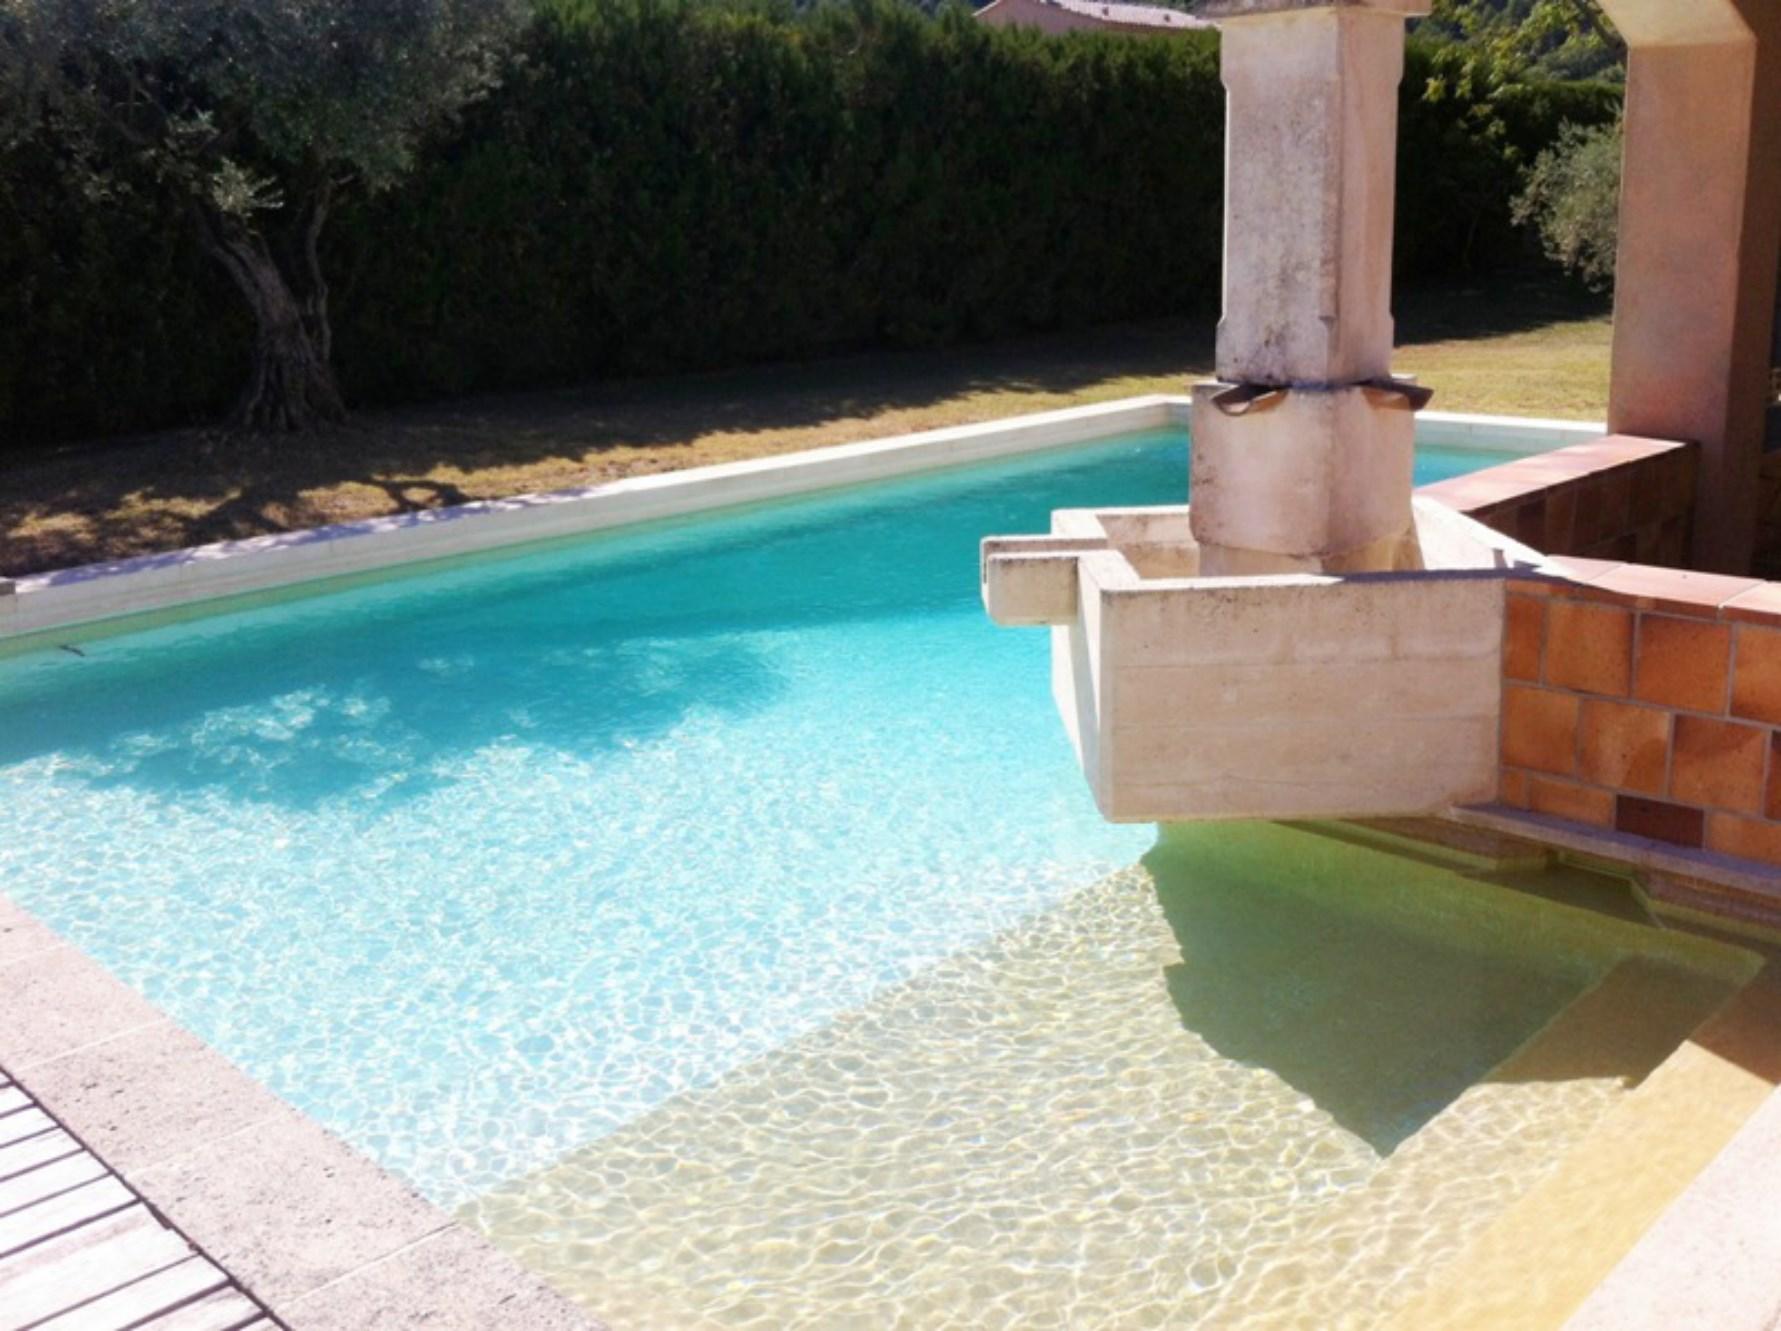 A vendre, en Luberon,  maison contemporaine  avec piscine, pool house et vue sur le village